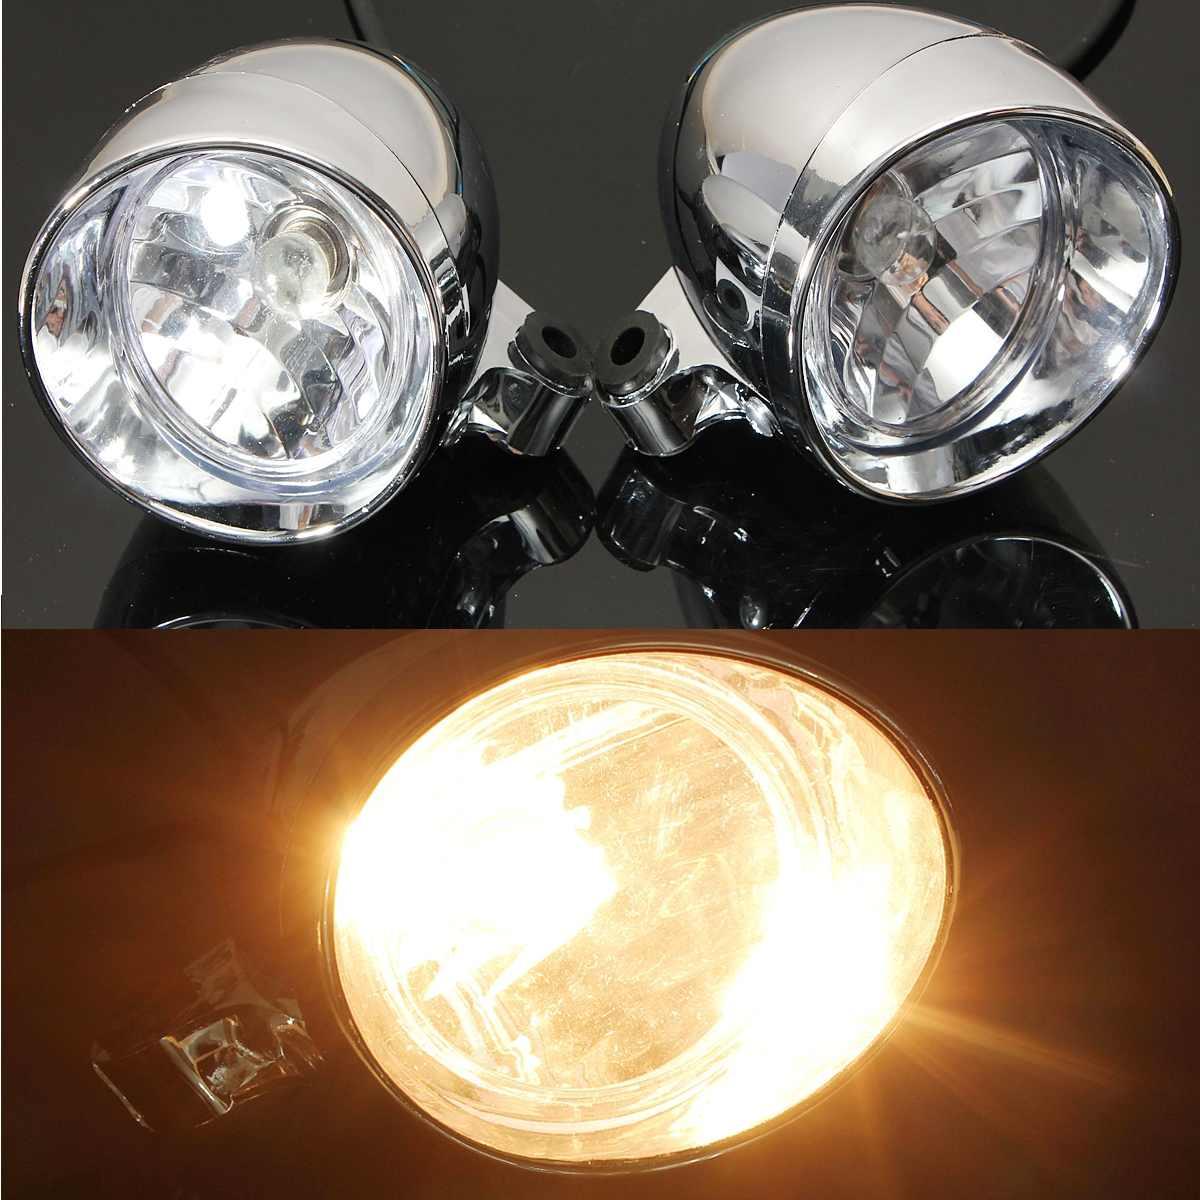 2Pcs Universal DC 12V Motorcycle Bullet Headlight Spot Fog Lamp Chrome Lamp Amber Light For Honda For Yamaha